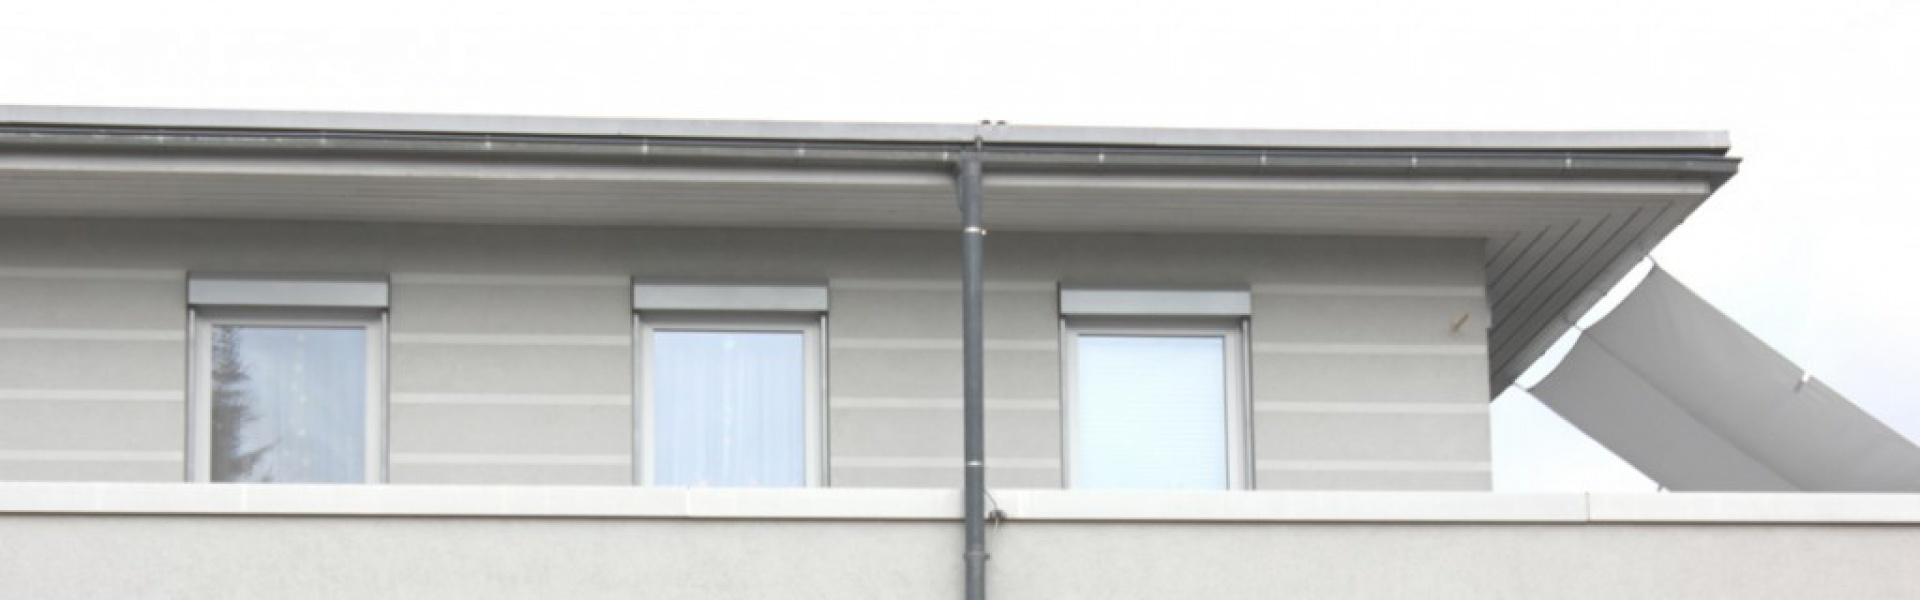 Riegler Fenster & Türen